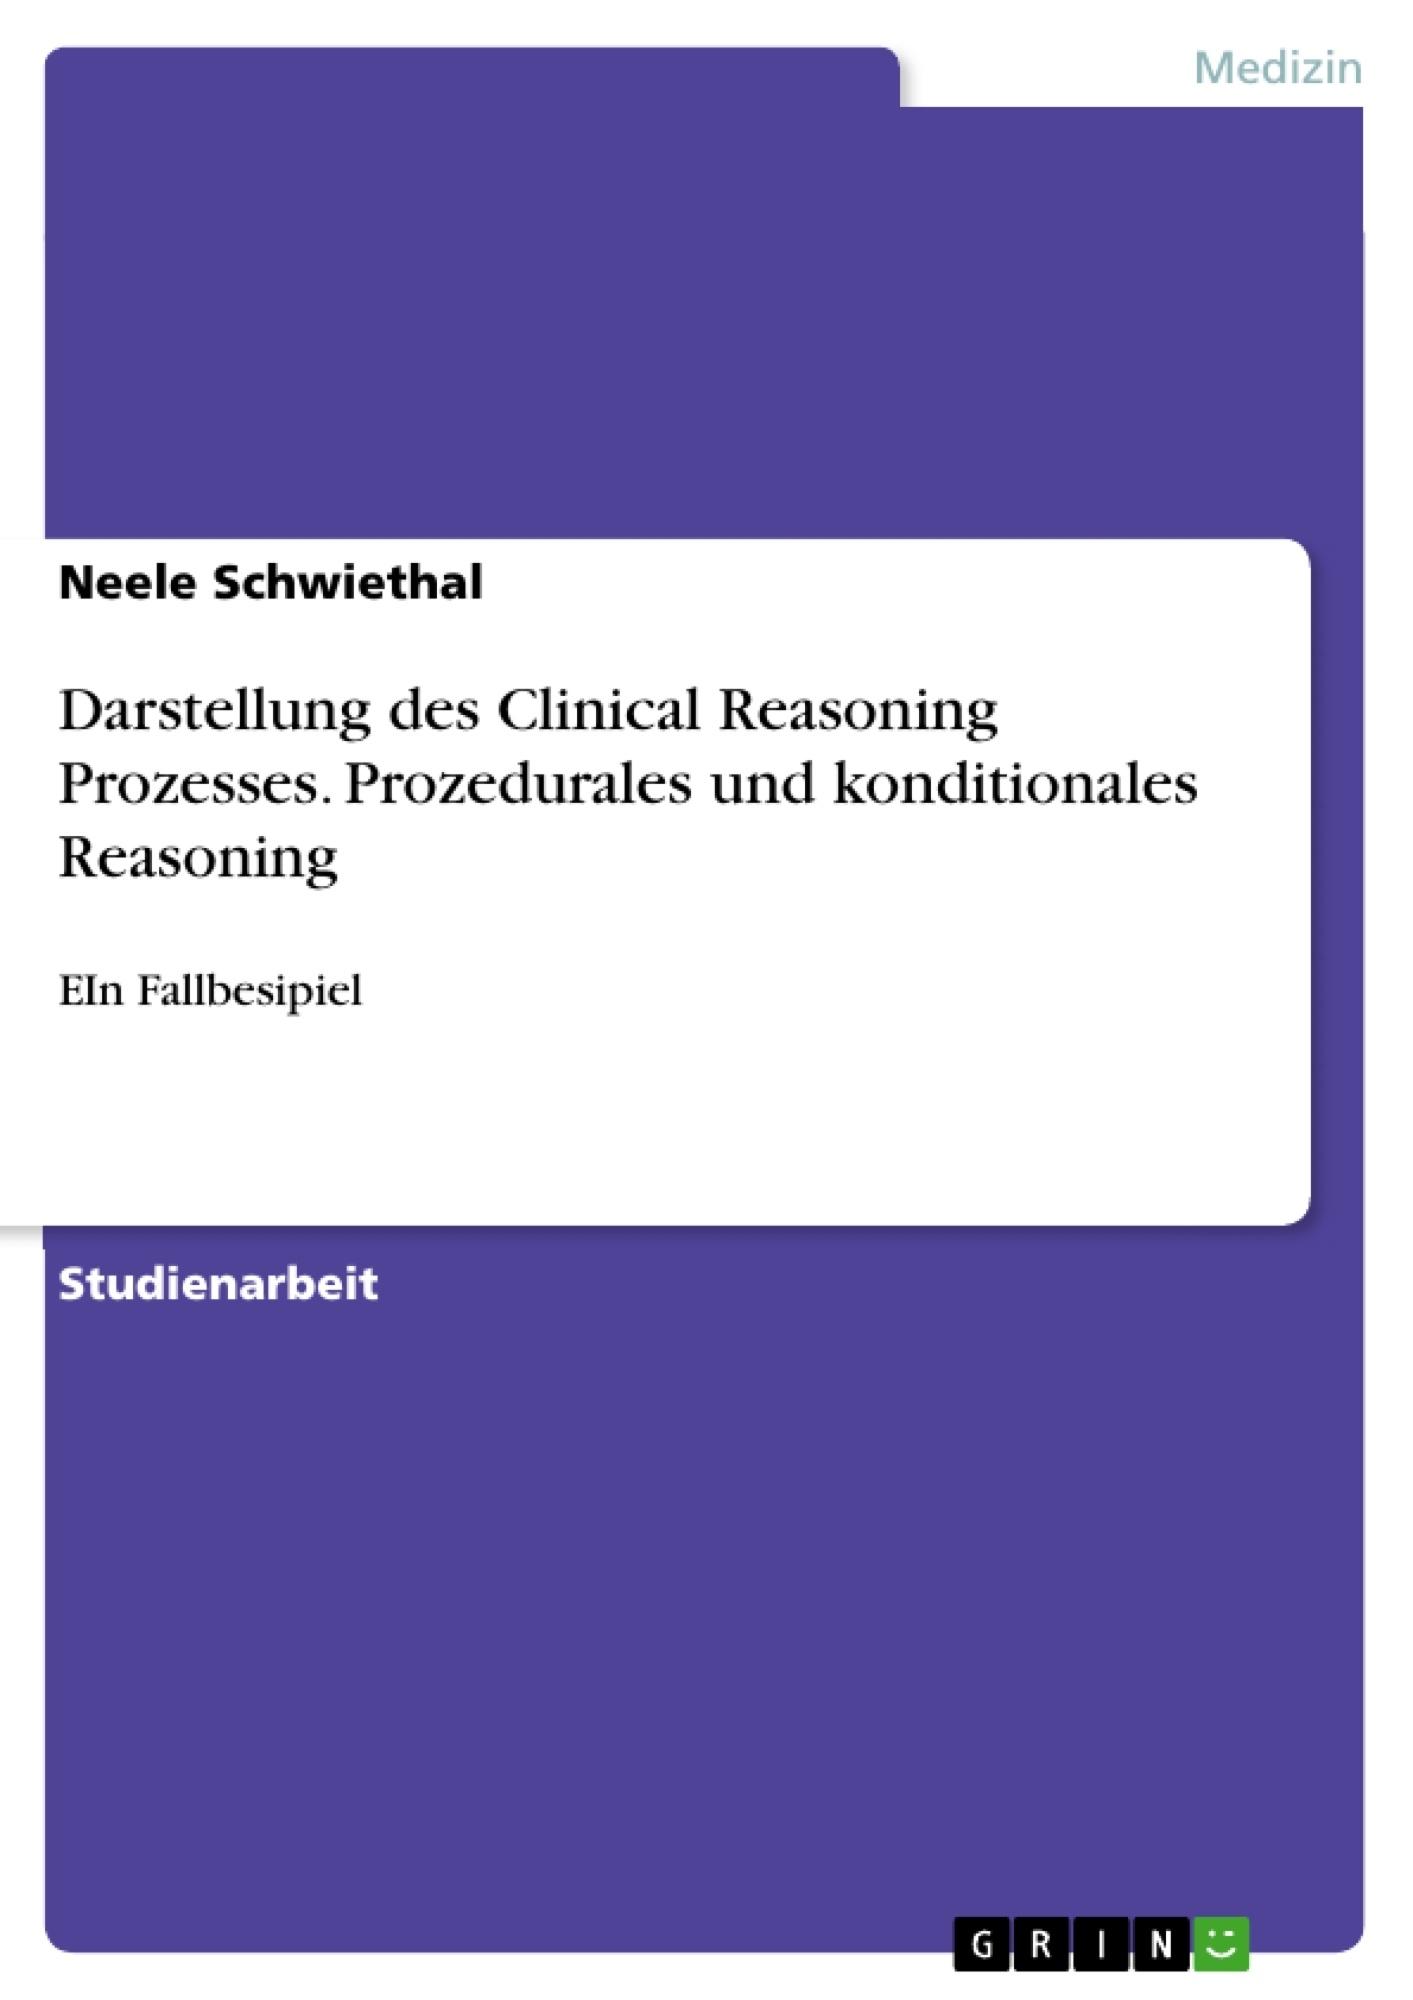 Titel: Darstellung des Clinical Reasoning Prozesses. Prozedurales und konditionales Reasoning